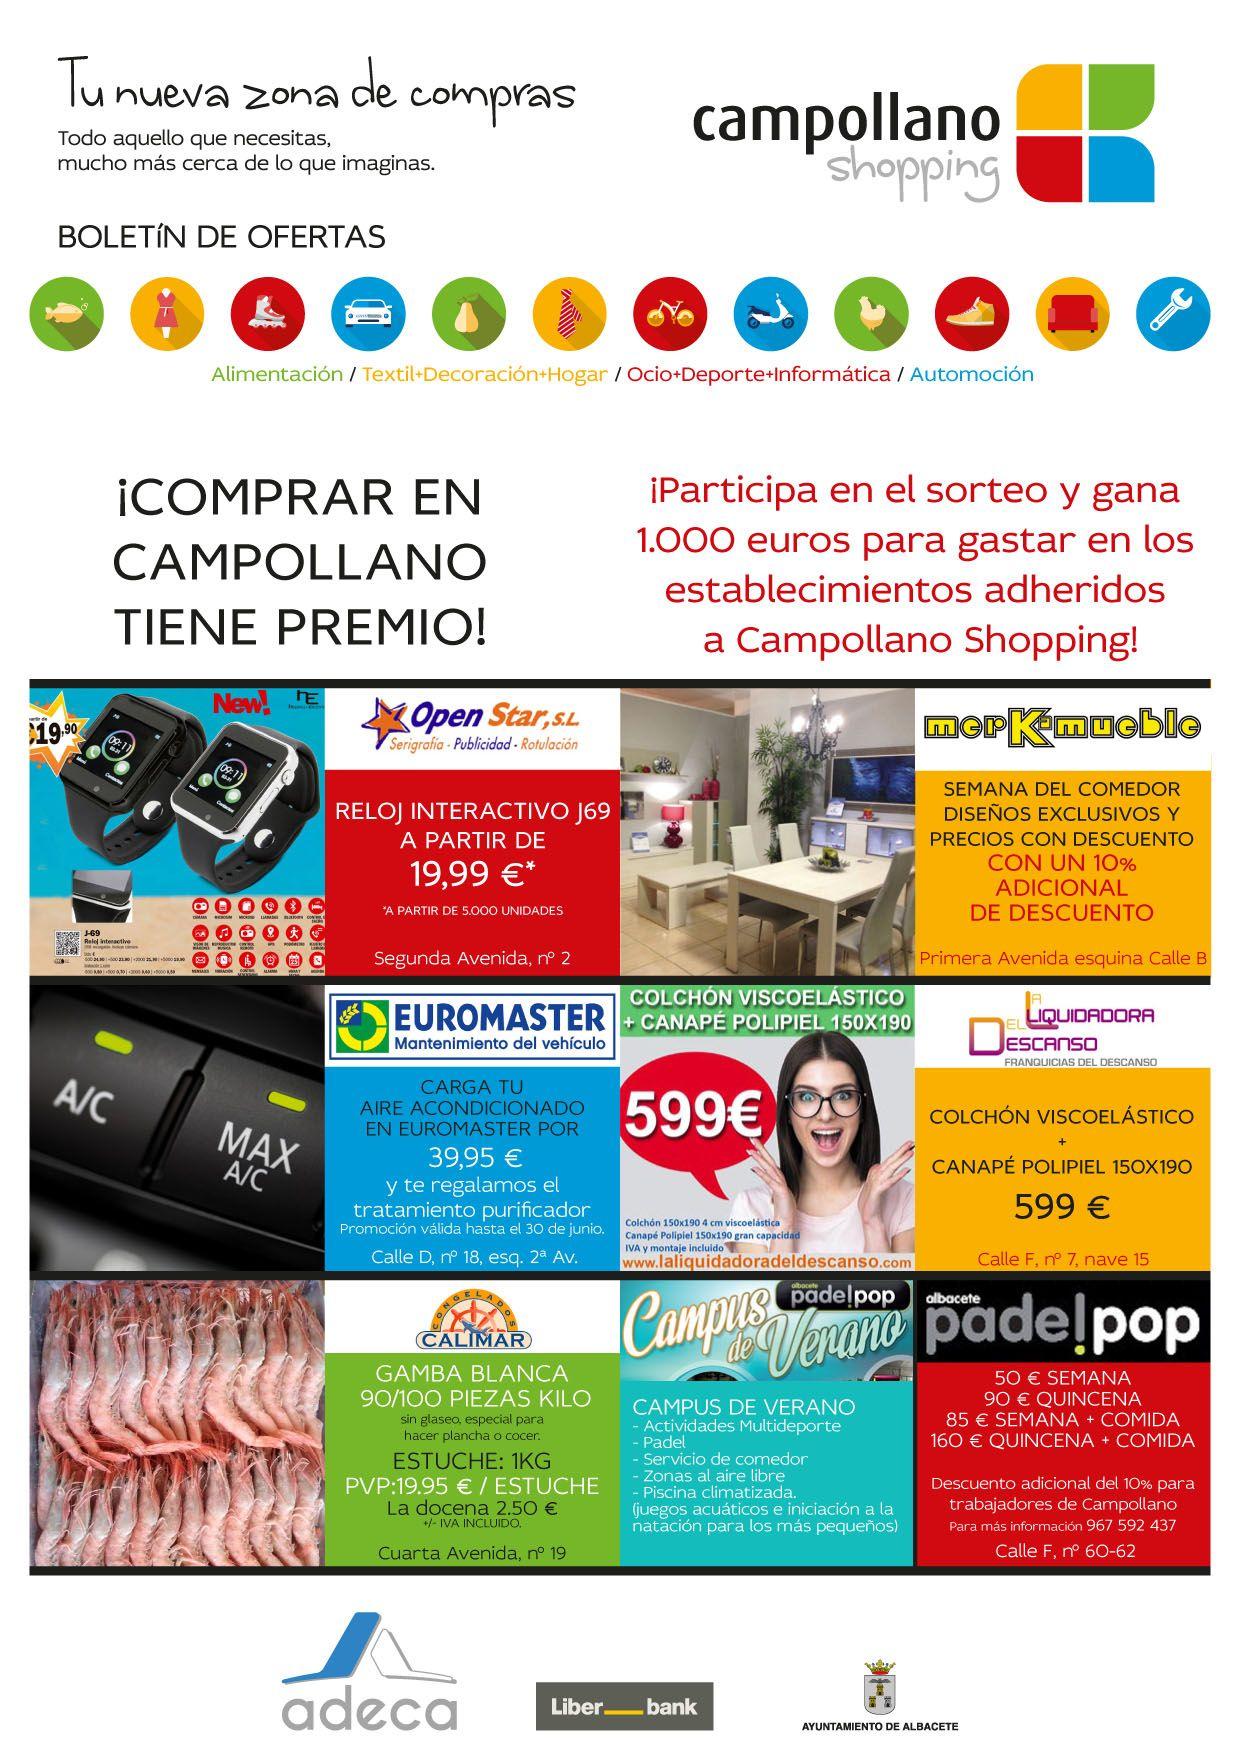 Ofertas Campollano Shopping 22 junio